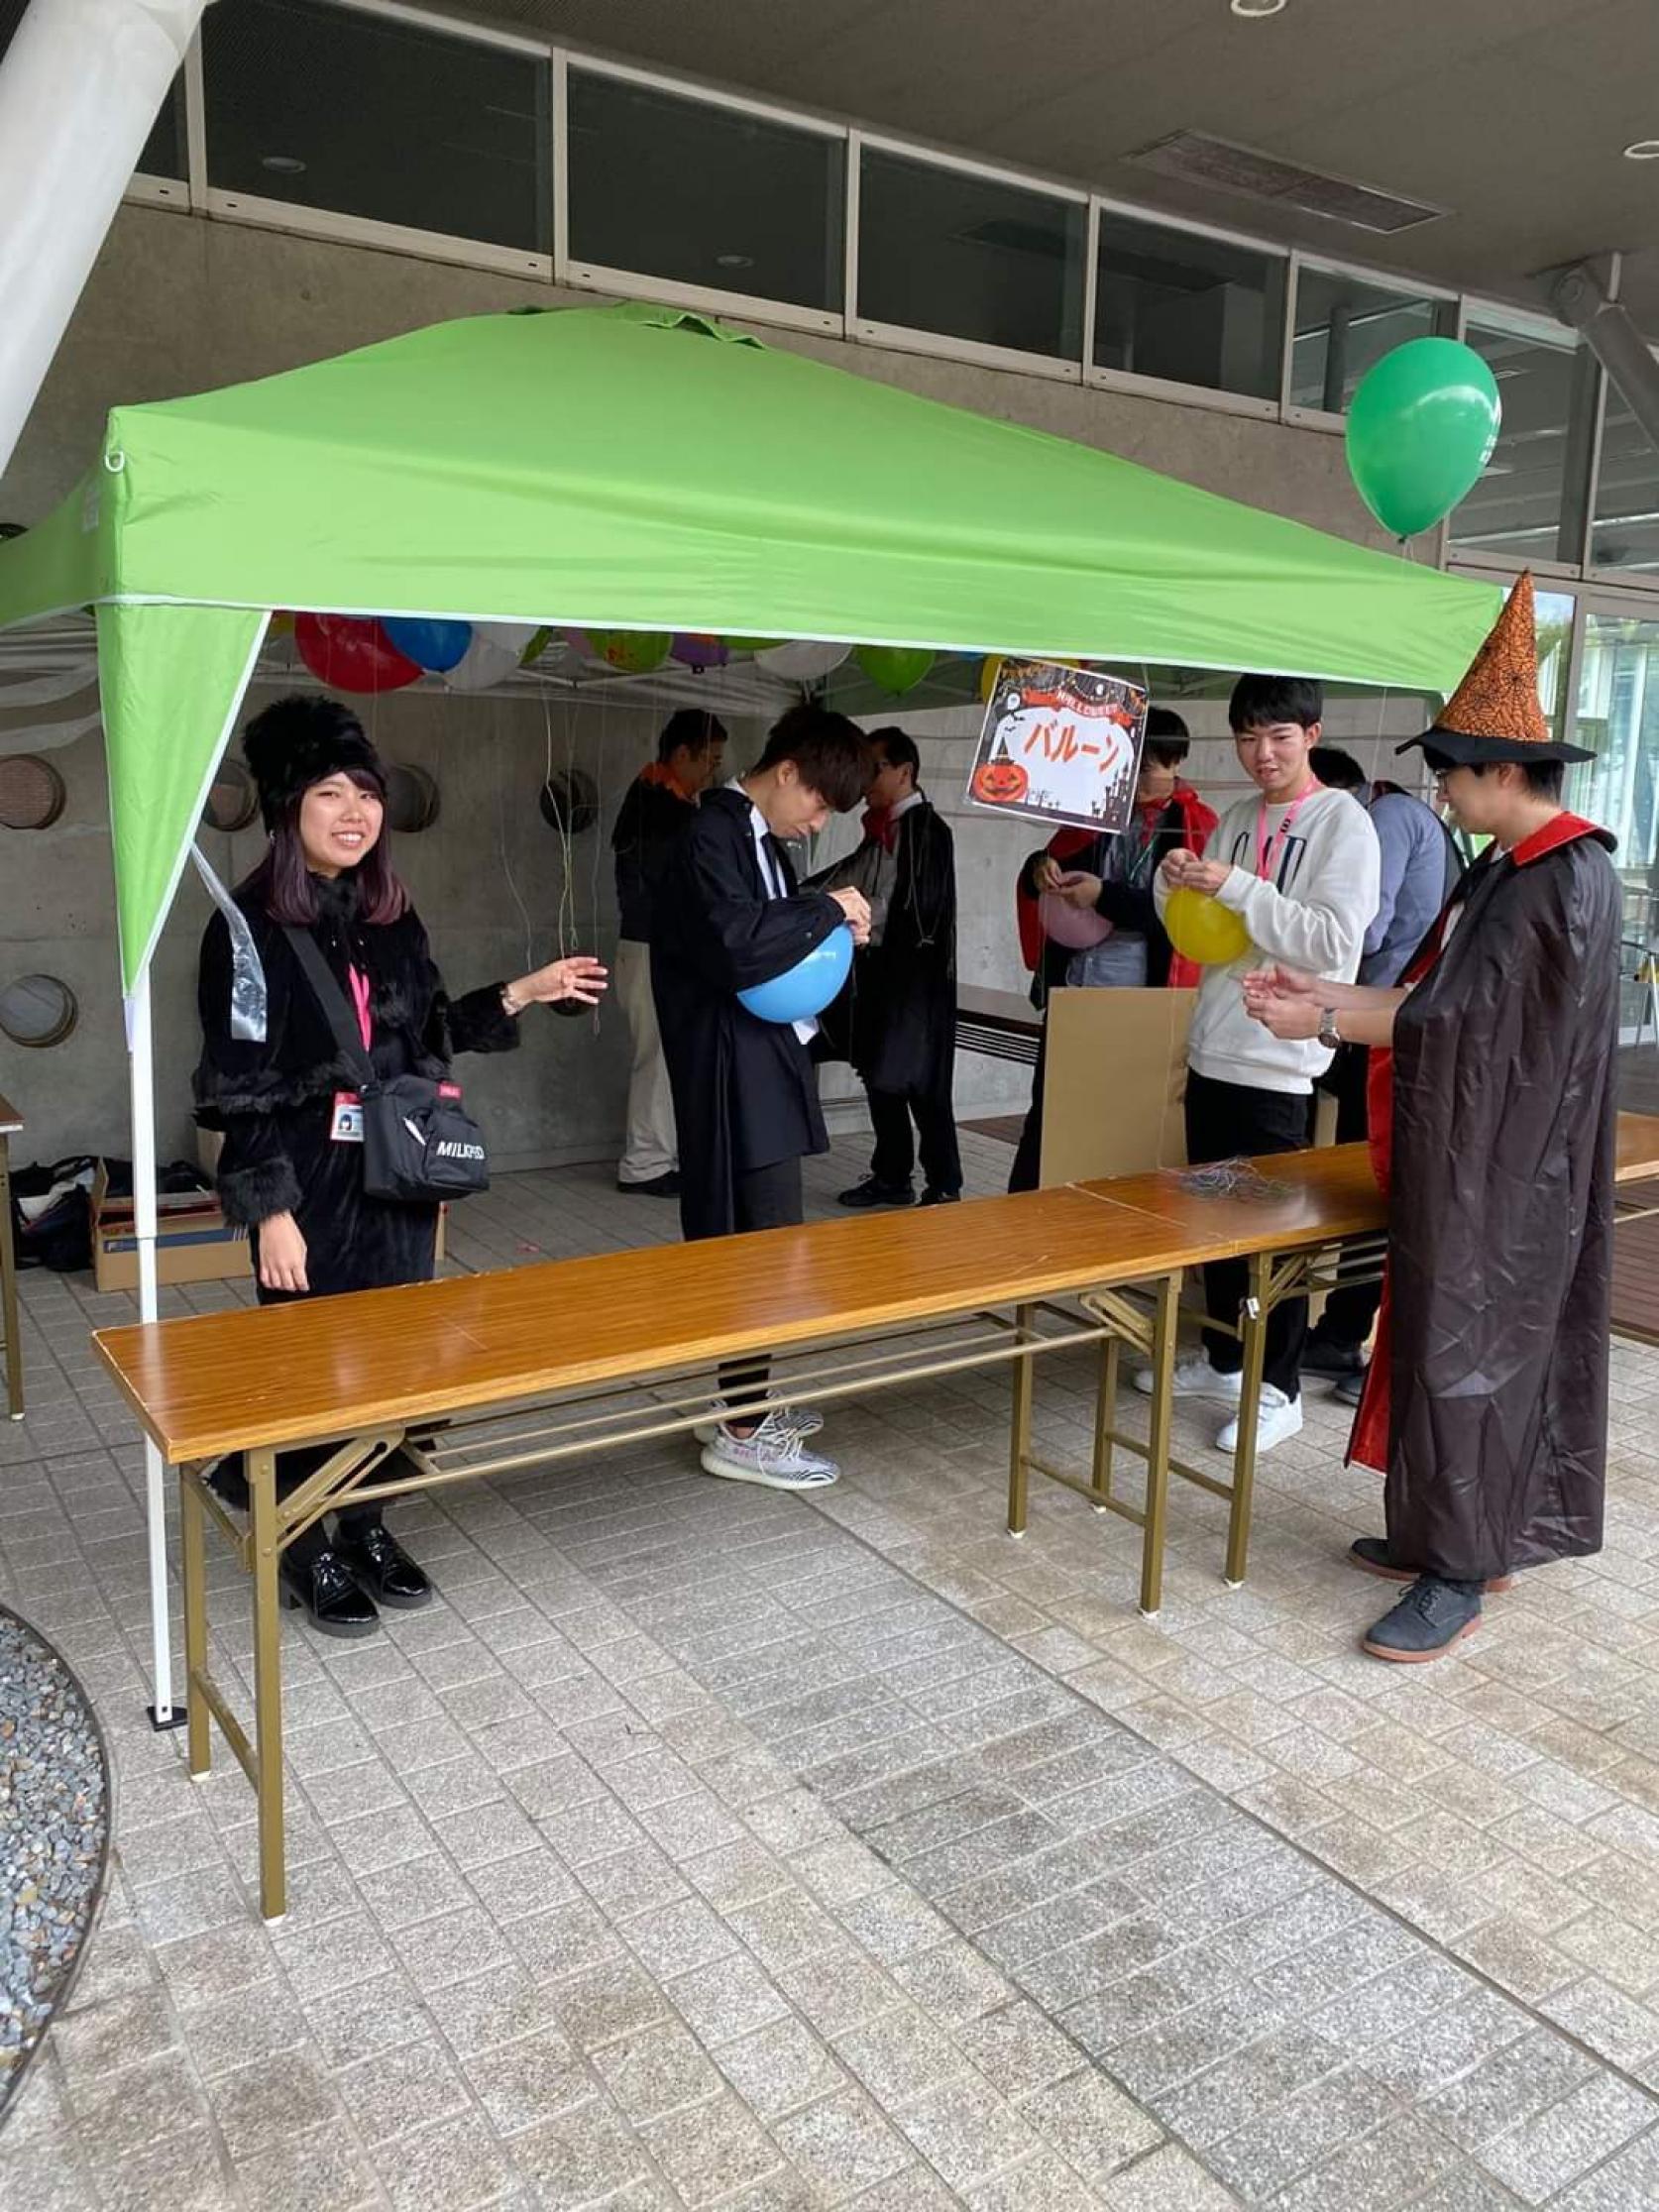 【開催報告】<Science Wonderland in CST>船橋キャンパスは、仮装したかわいい子供たちの笑顔に包まれました。